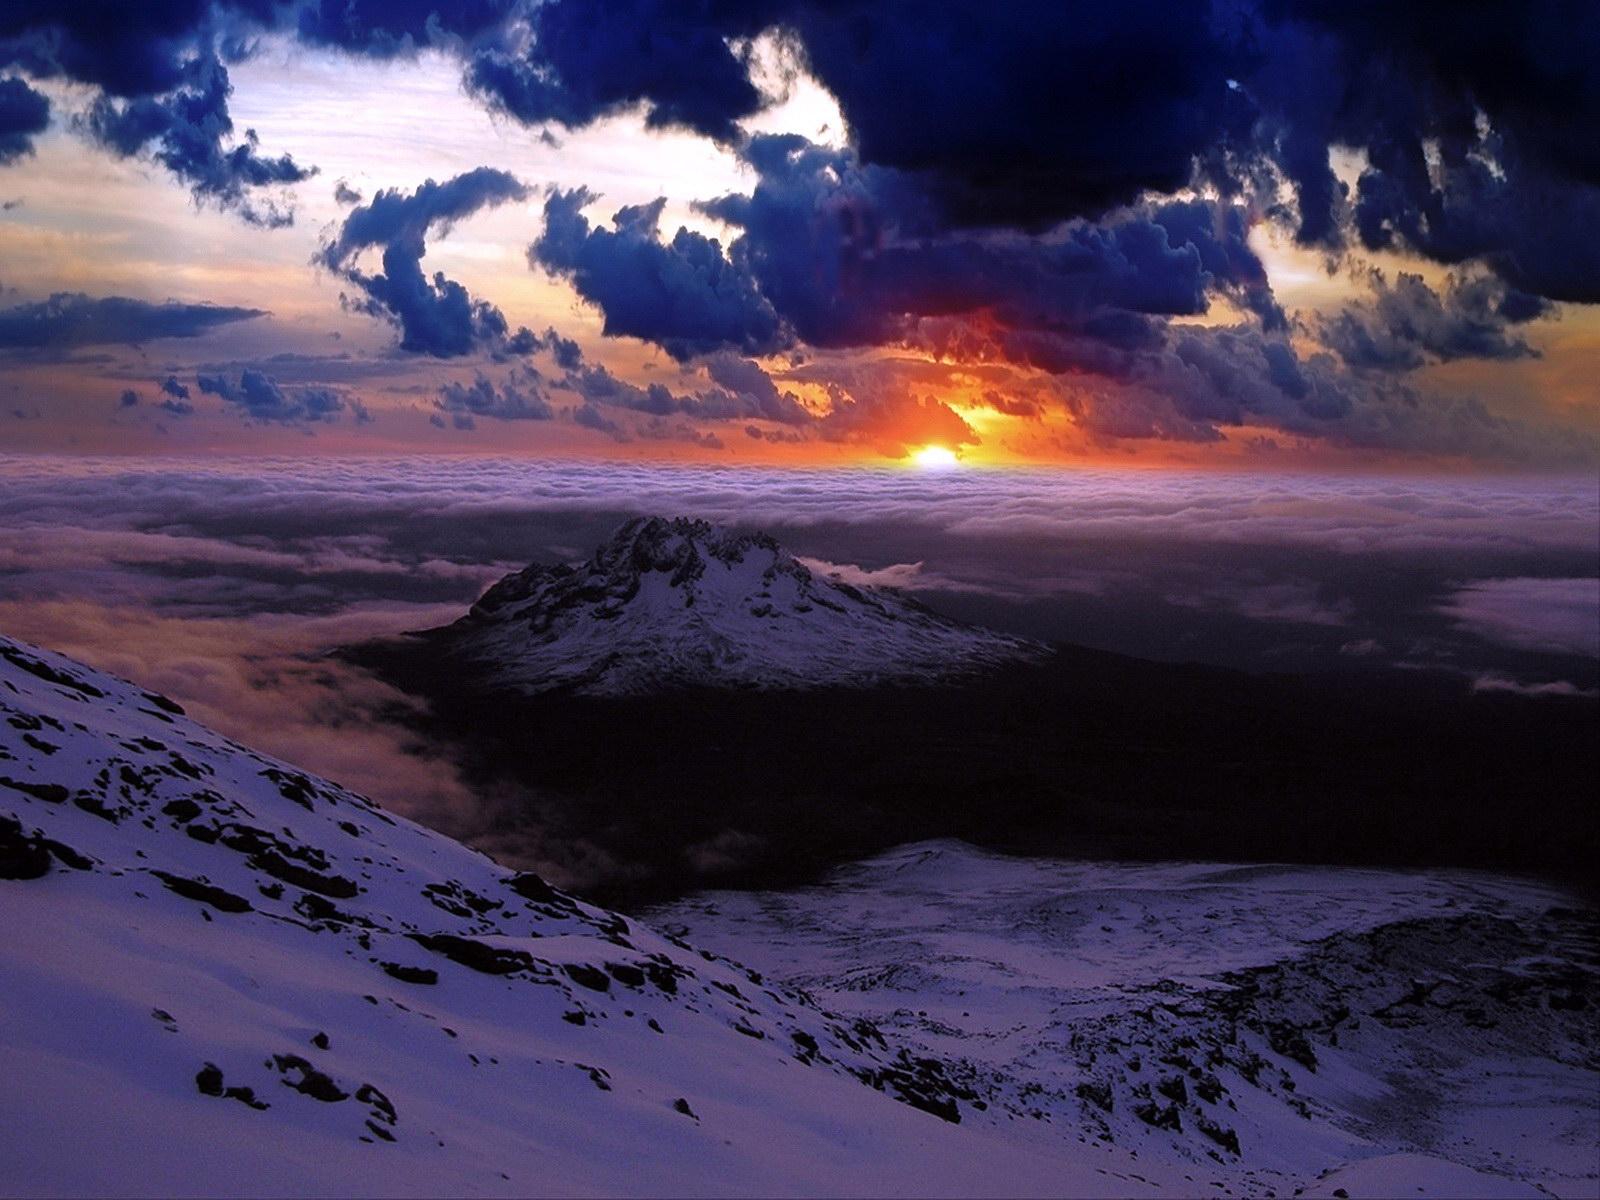 Fond d 39 ecran couch de soleil au dessus des montagnes wallpaper - Photo coucher de soleil montagne ...